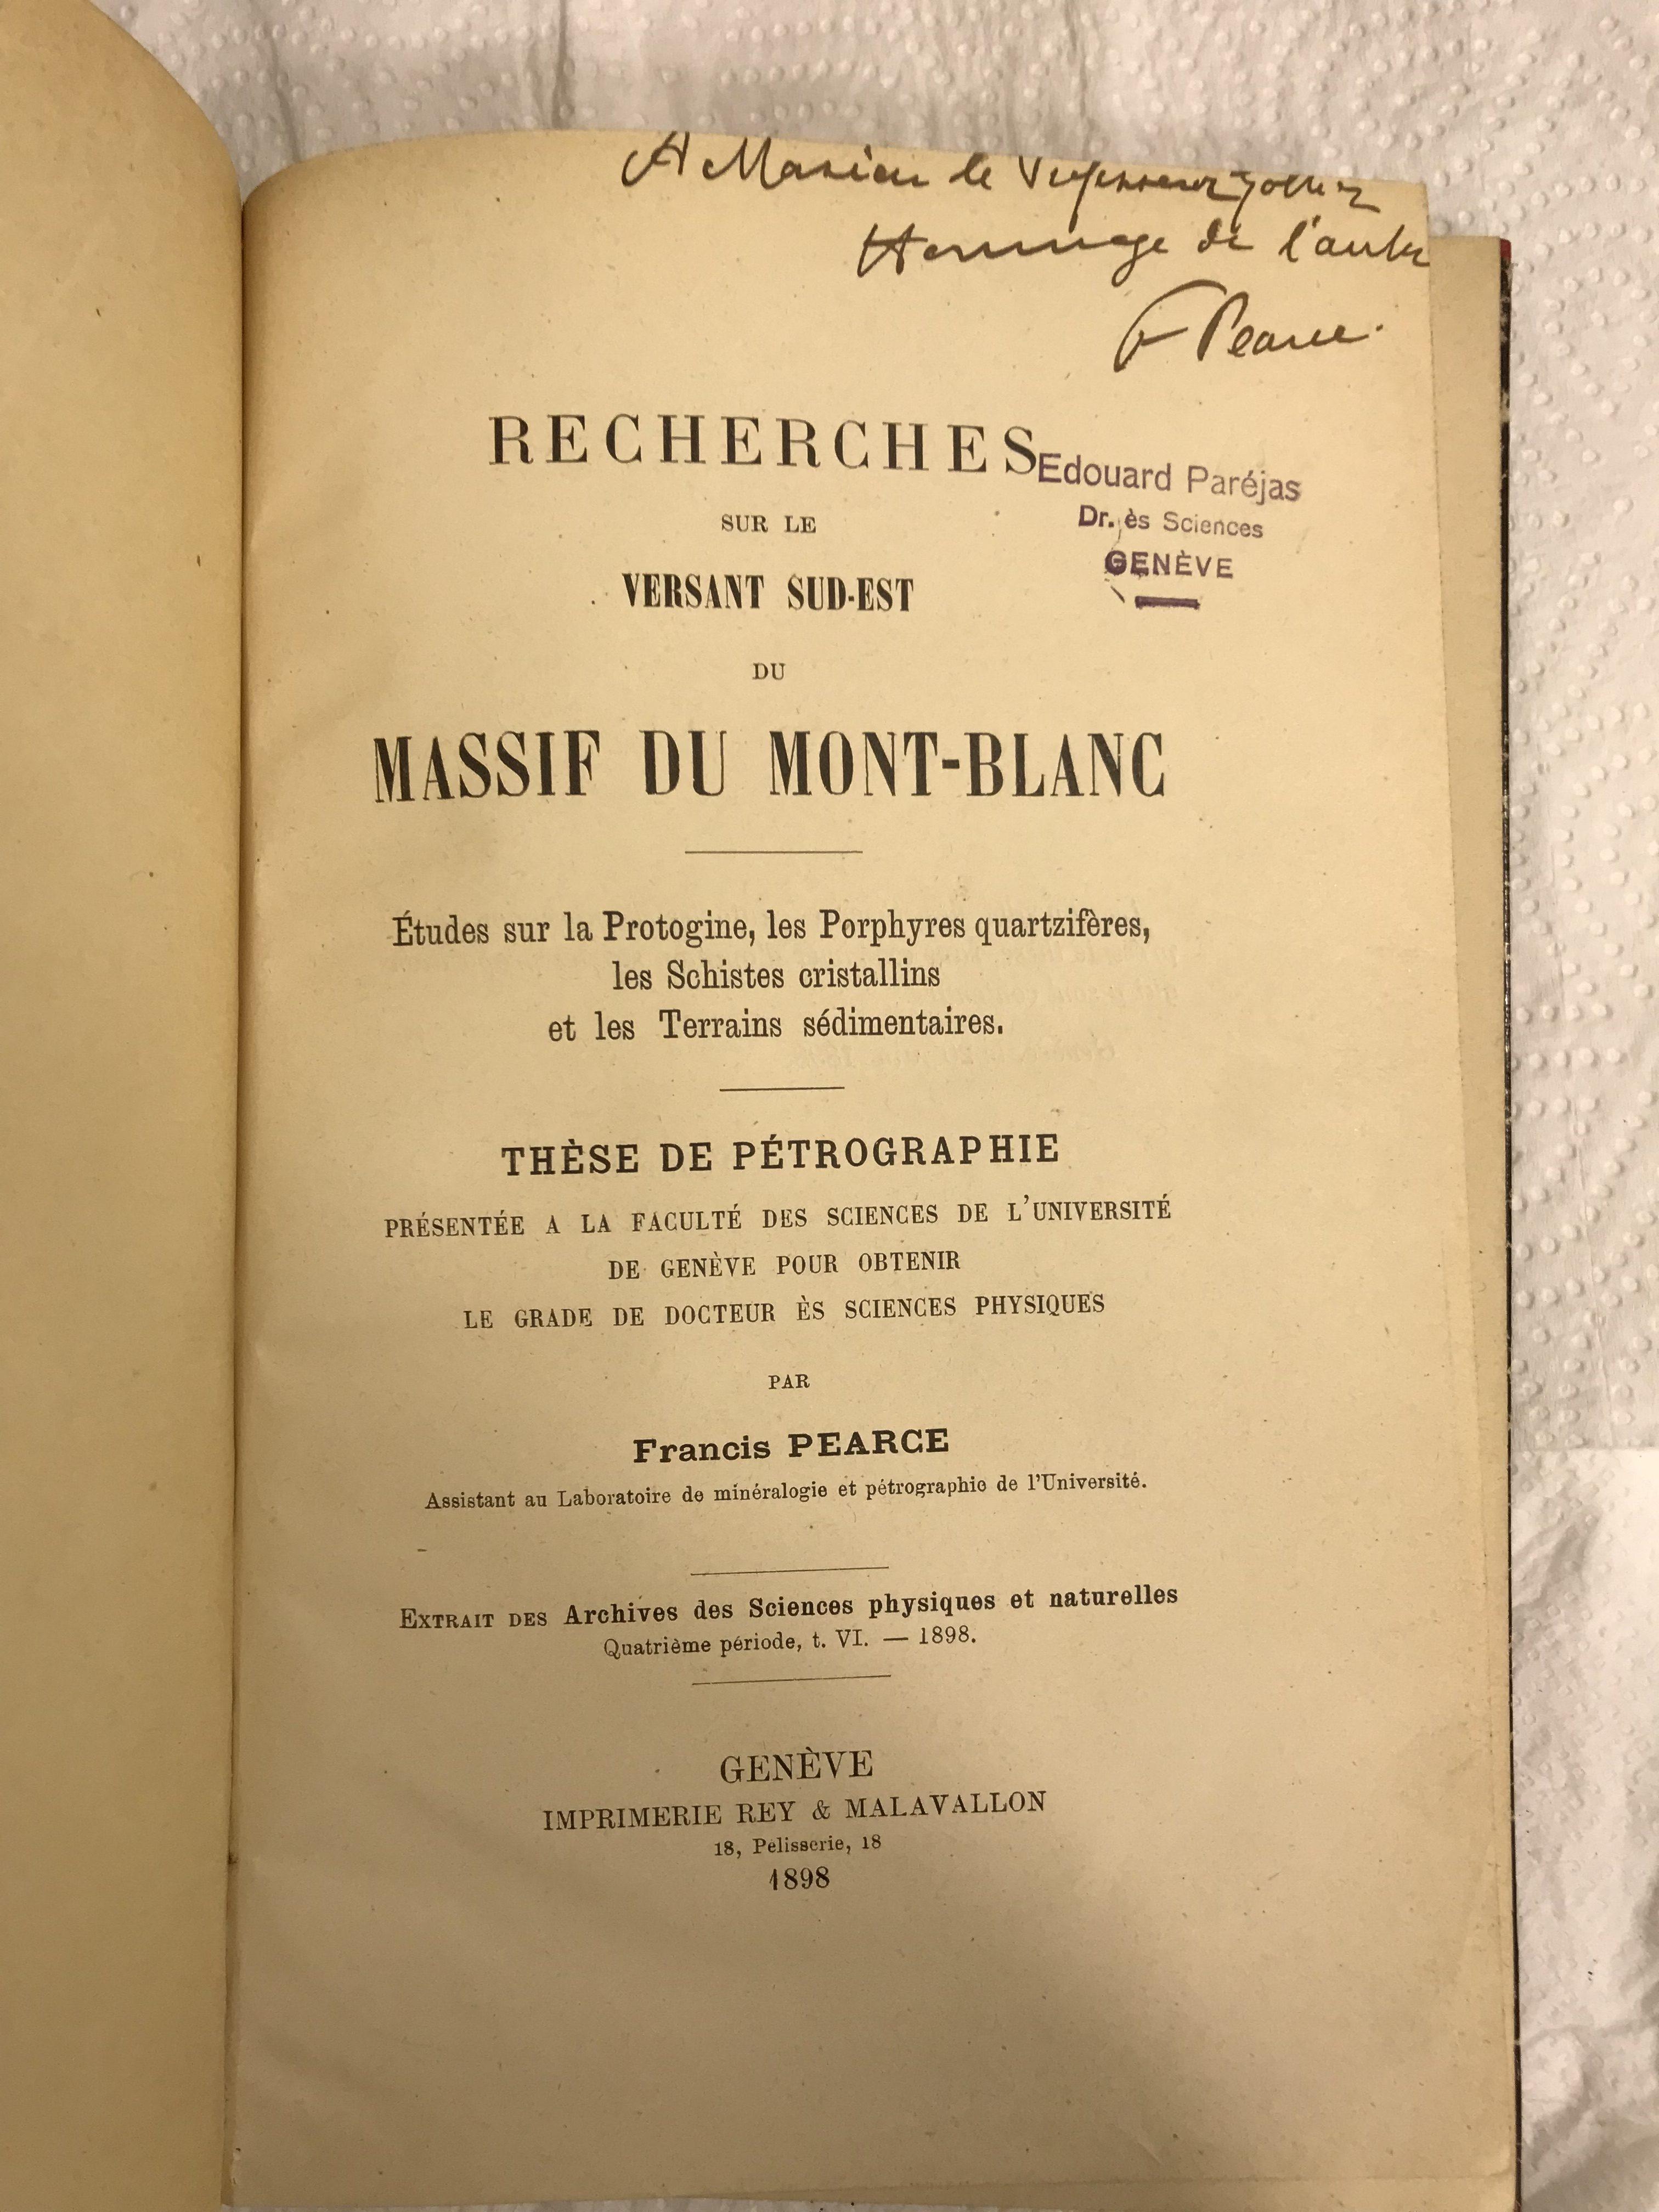 Pétrographie : Recherches sur le versant sud-est du massif du Mont-Blanc